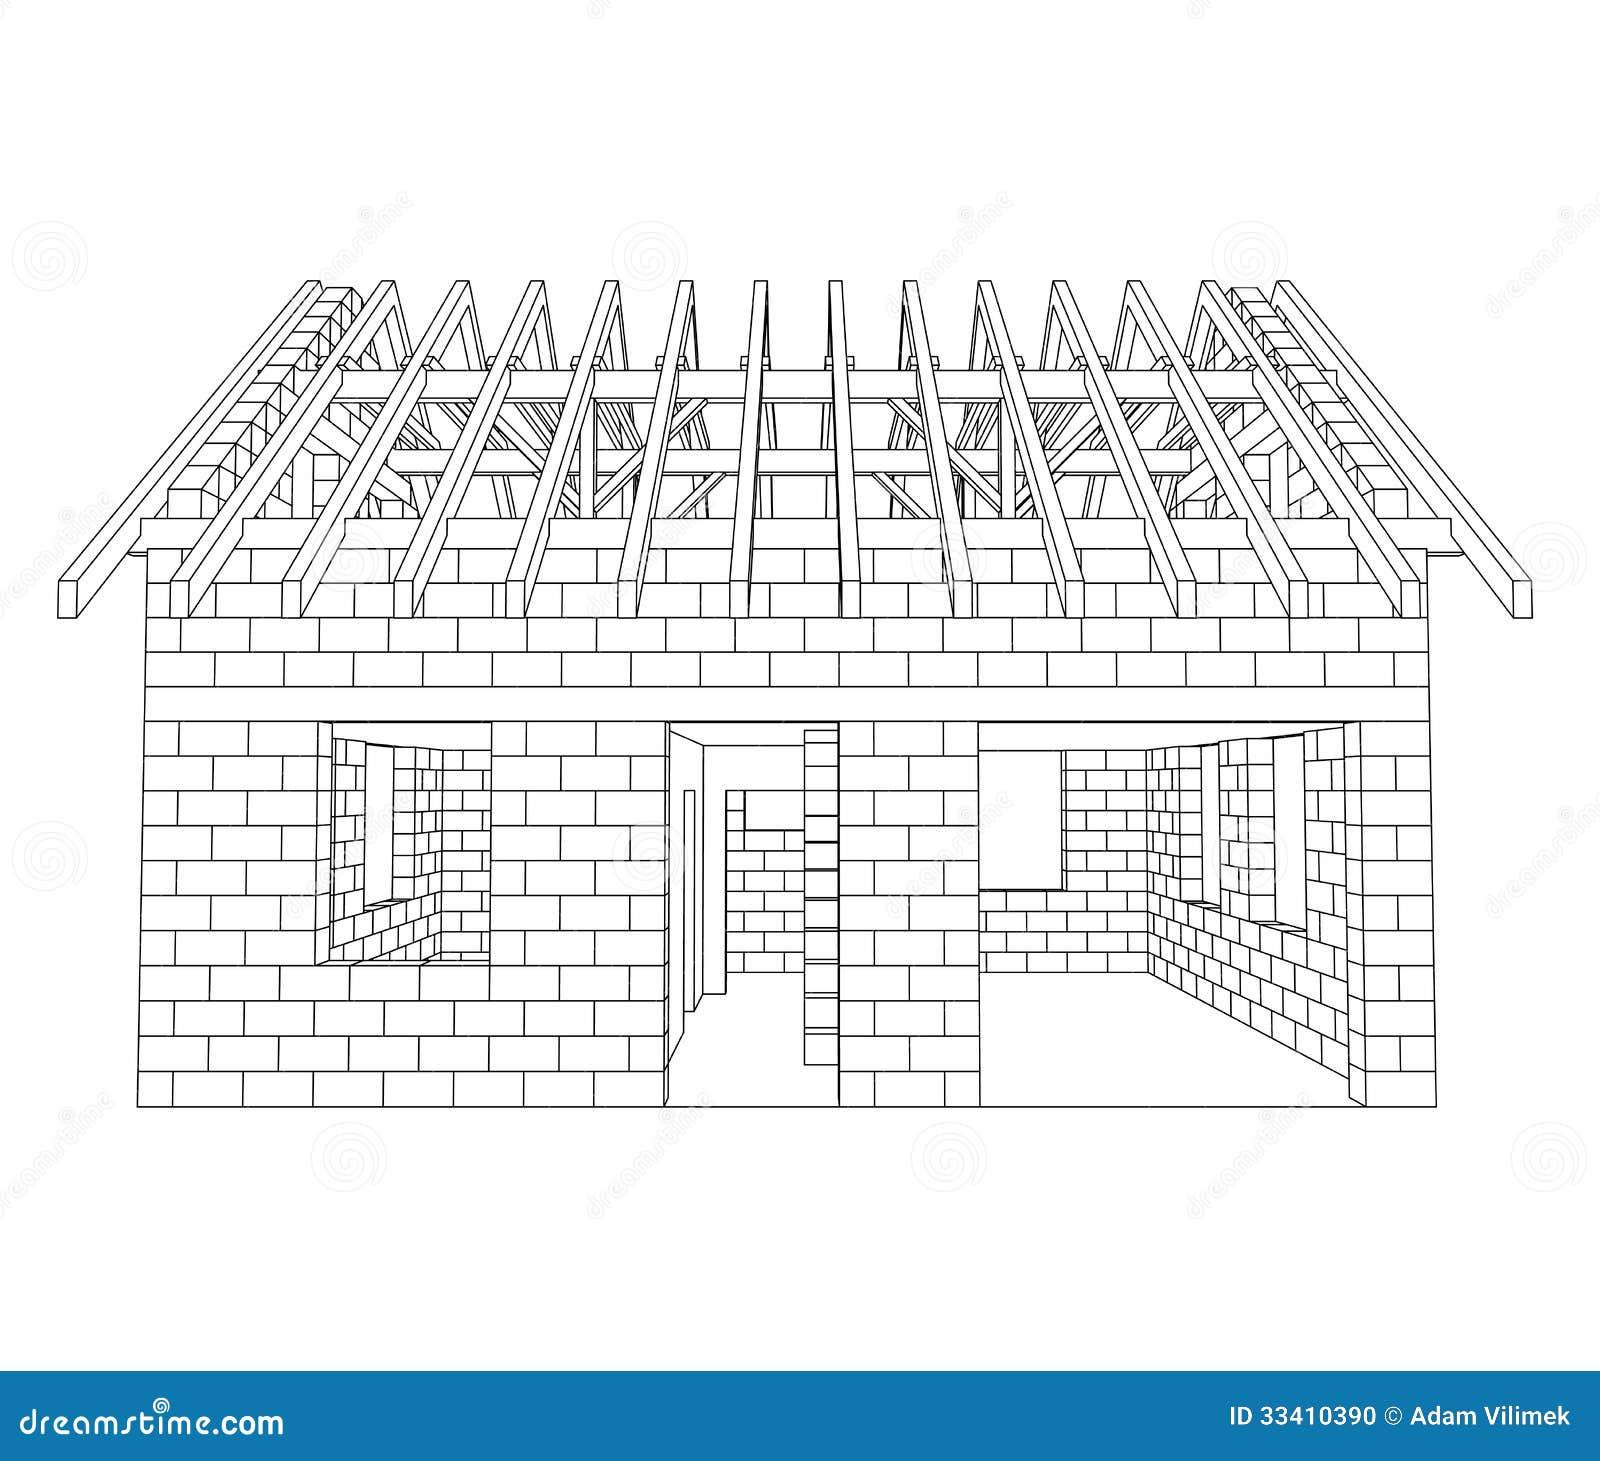 Dessin au trait avant construction de maison illustration for Dessins de construction de maison